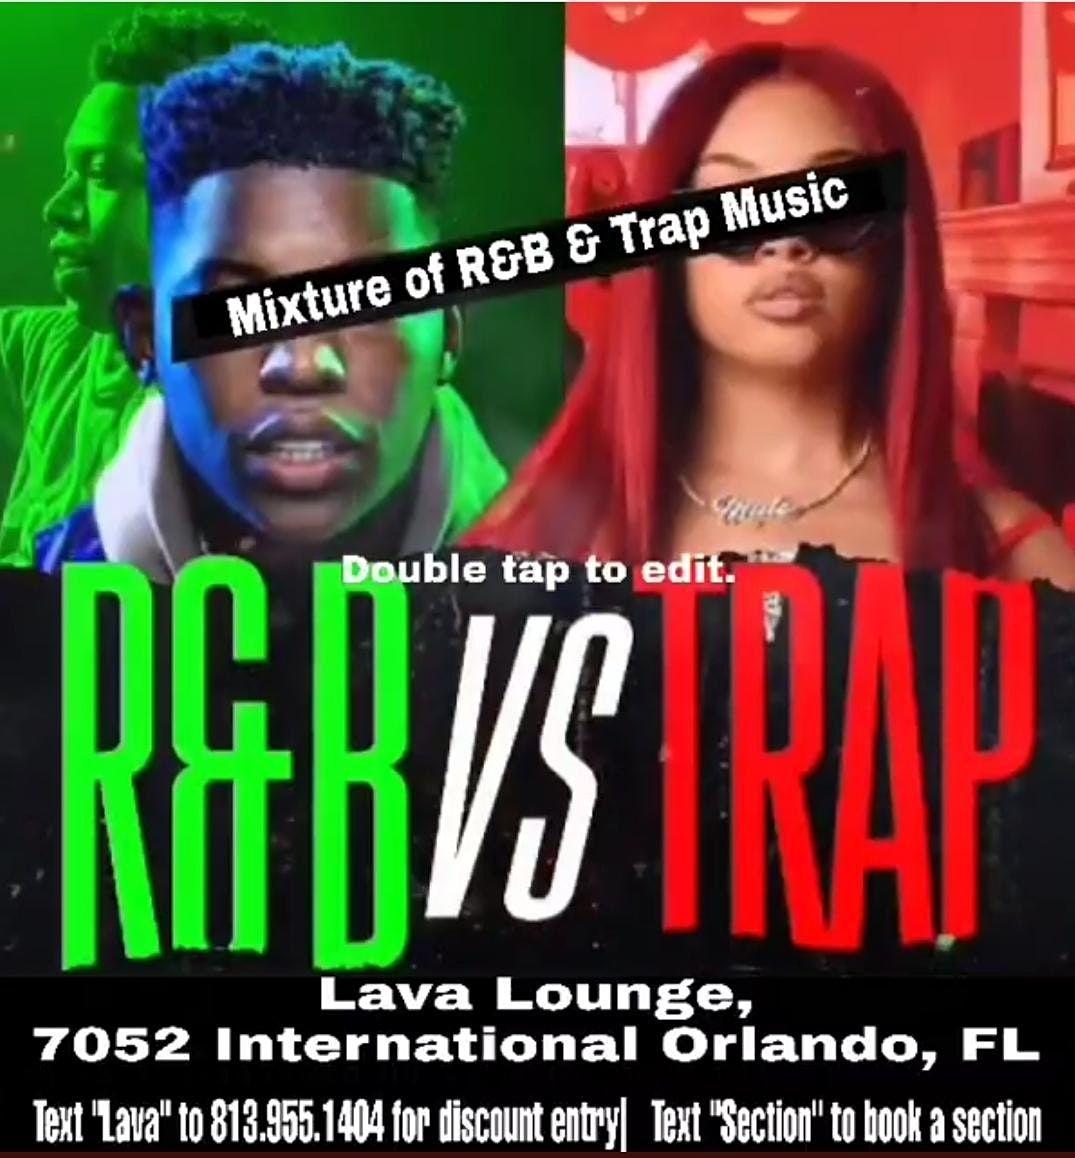 R&B VS. TRAP